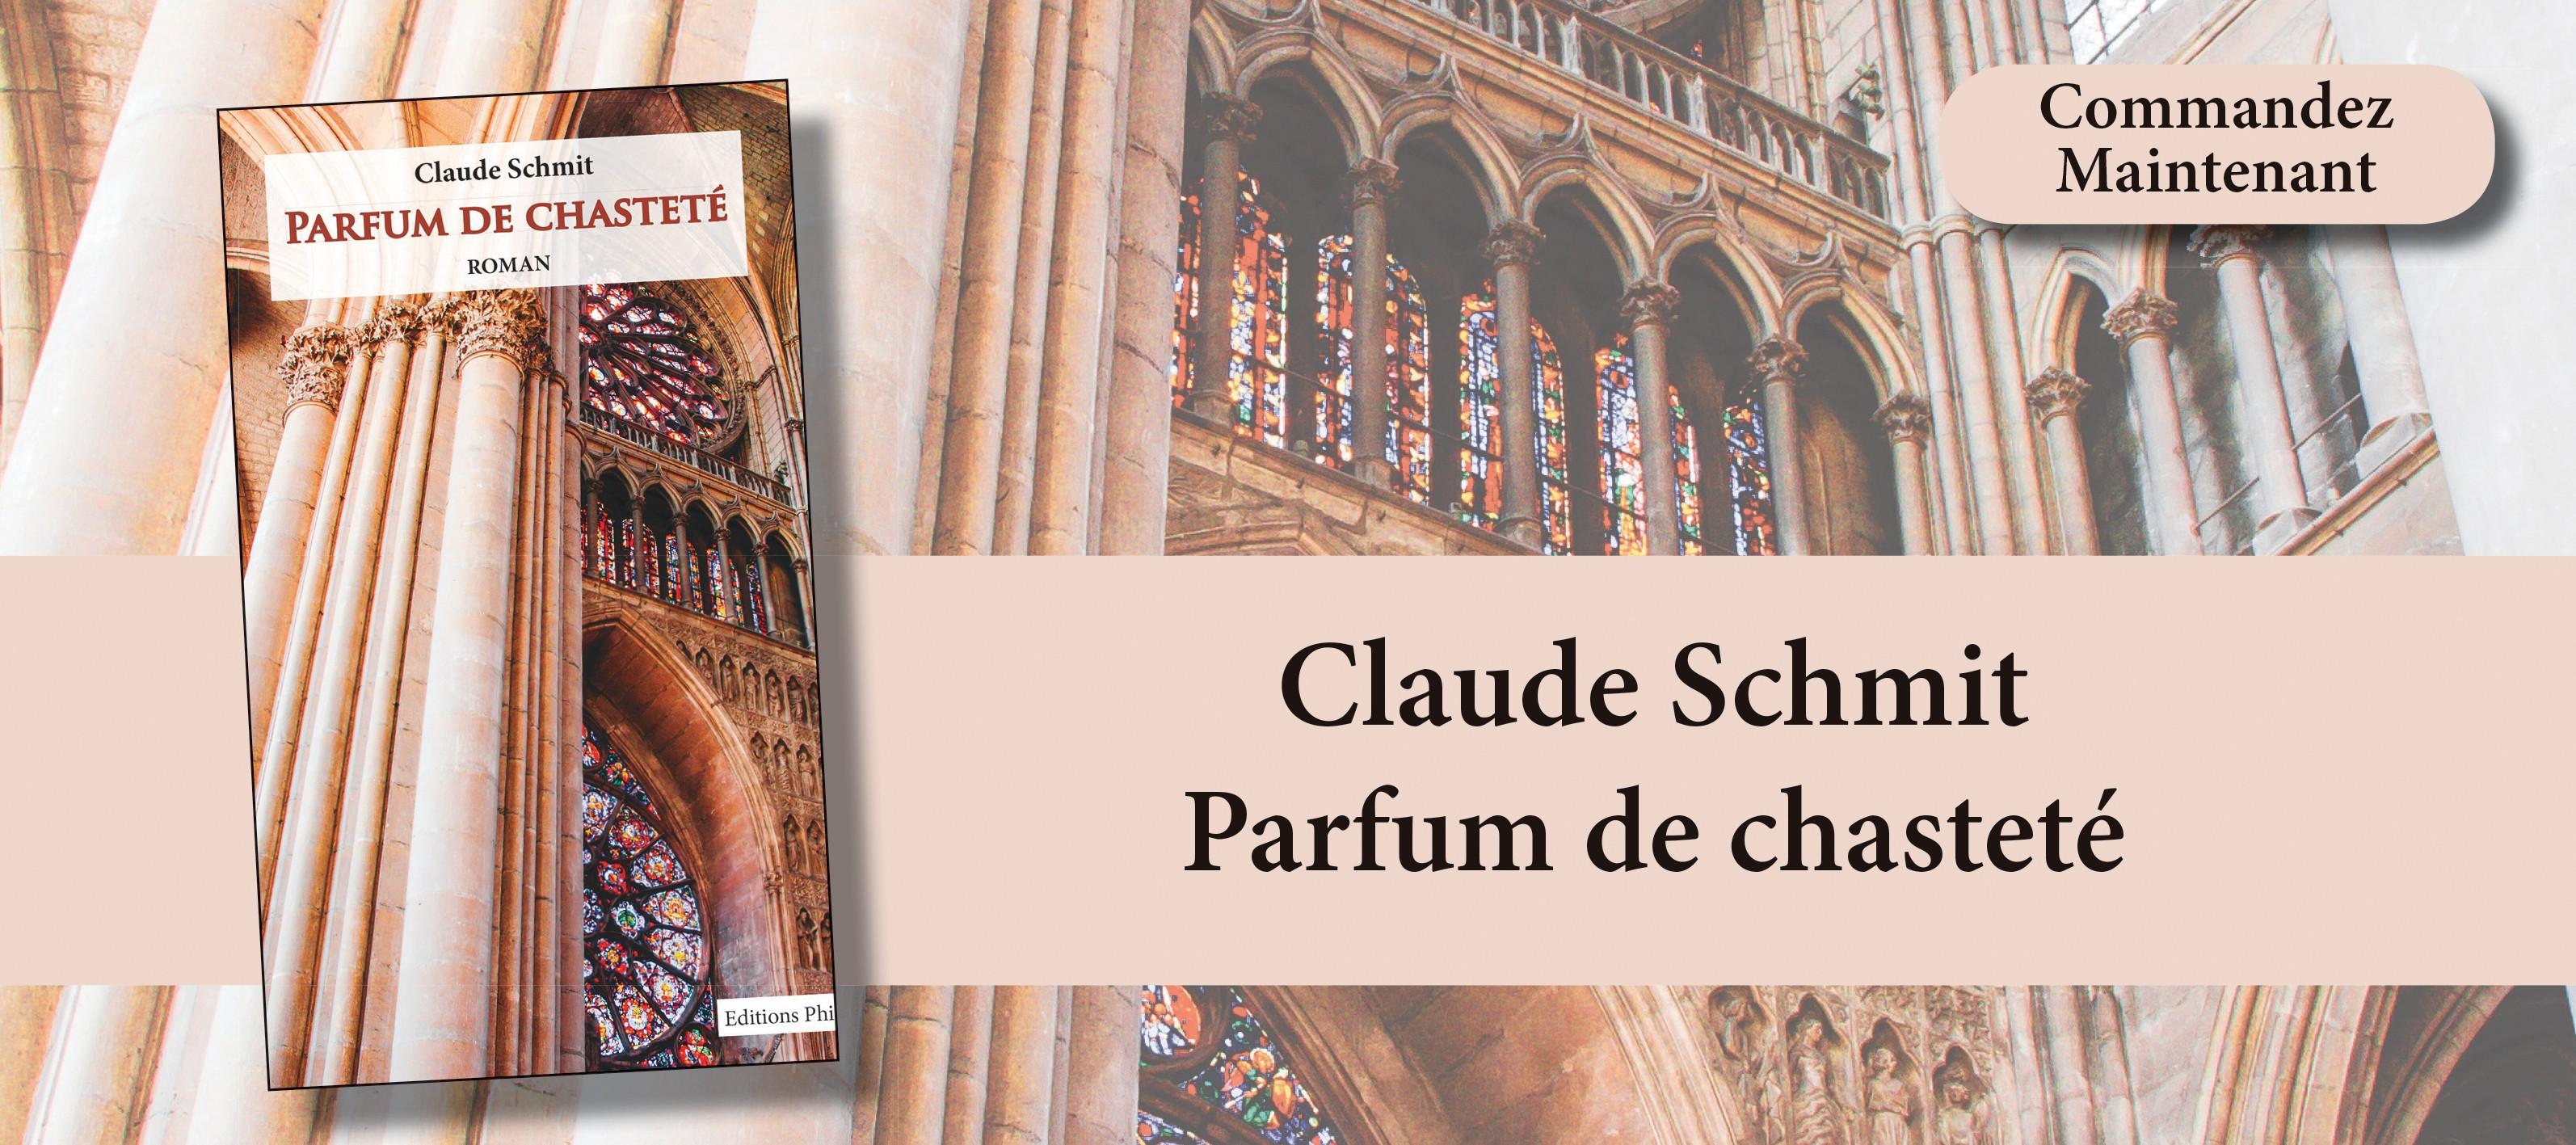 http://www.editionsphi.lu/fr/francais/471-claude-schmit-parfum-de-chastete.html